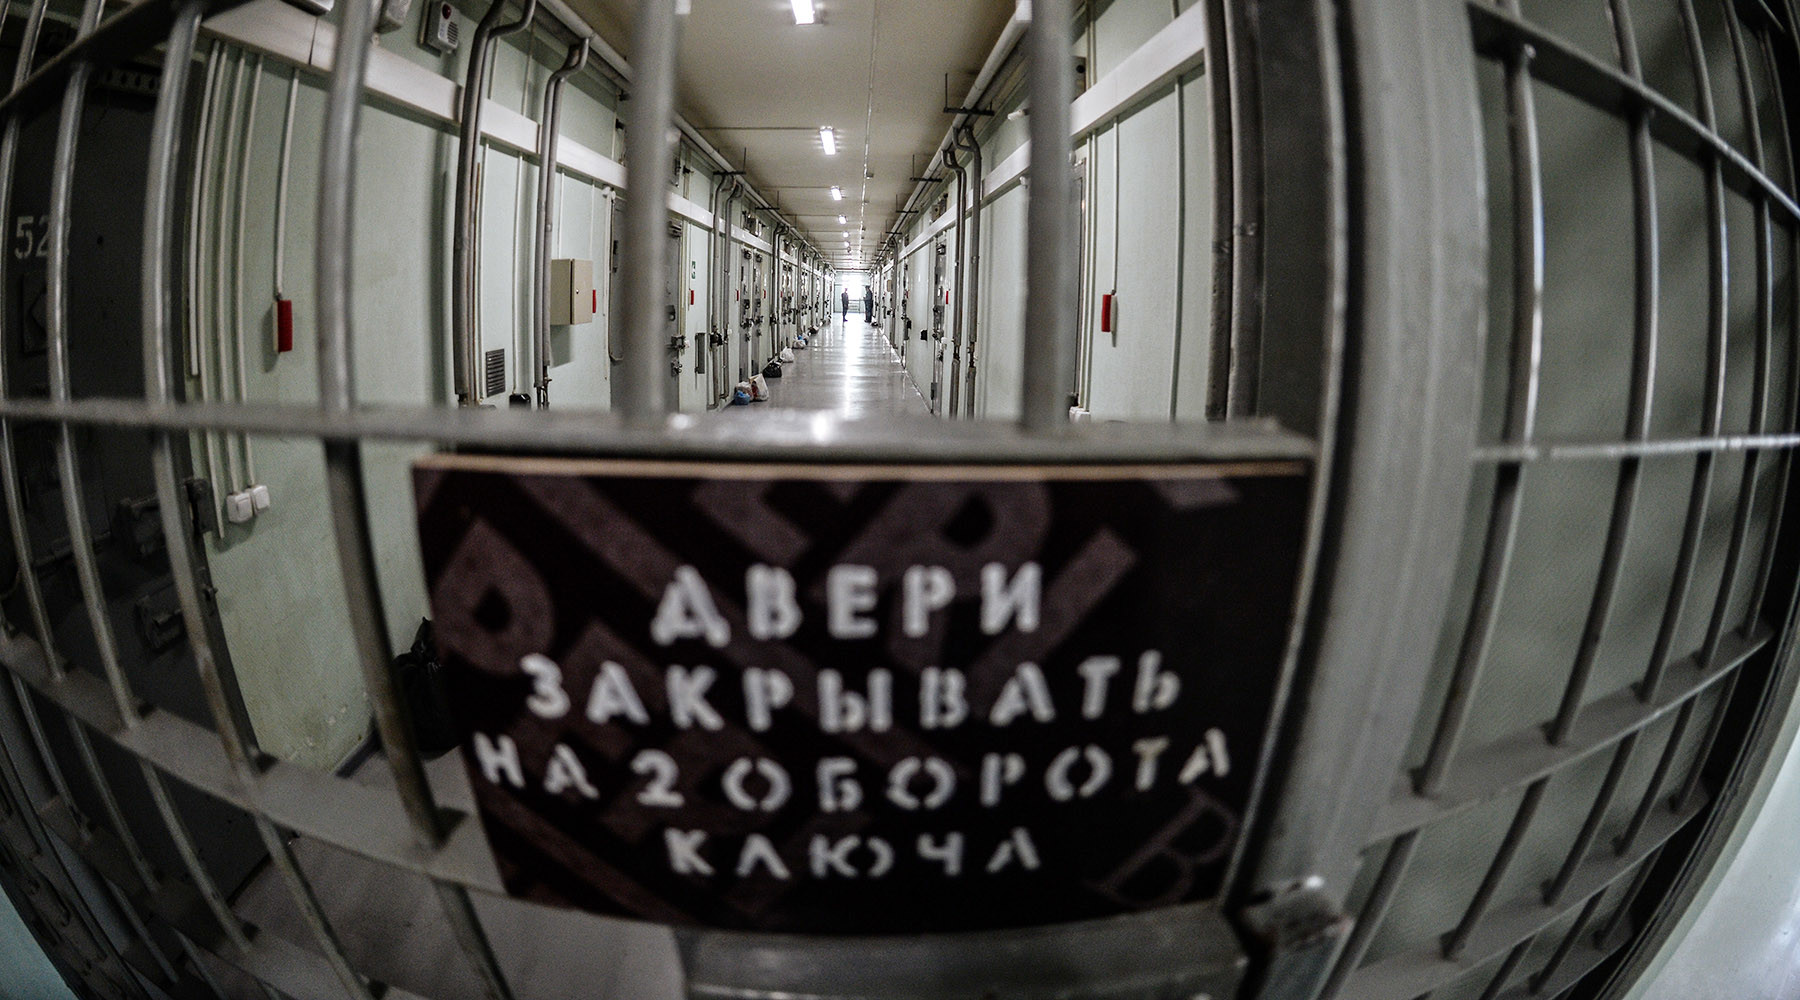 Проверки ярославской колонии не ограничатся шестью задержанными